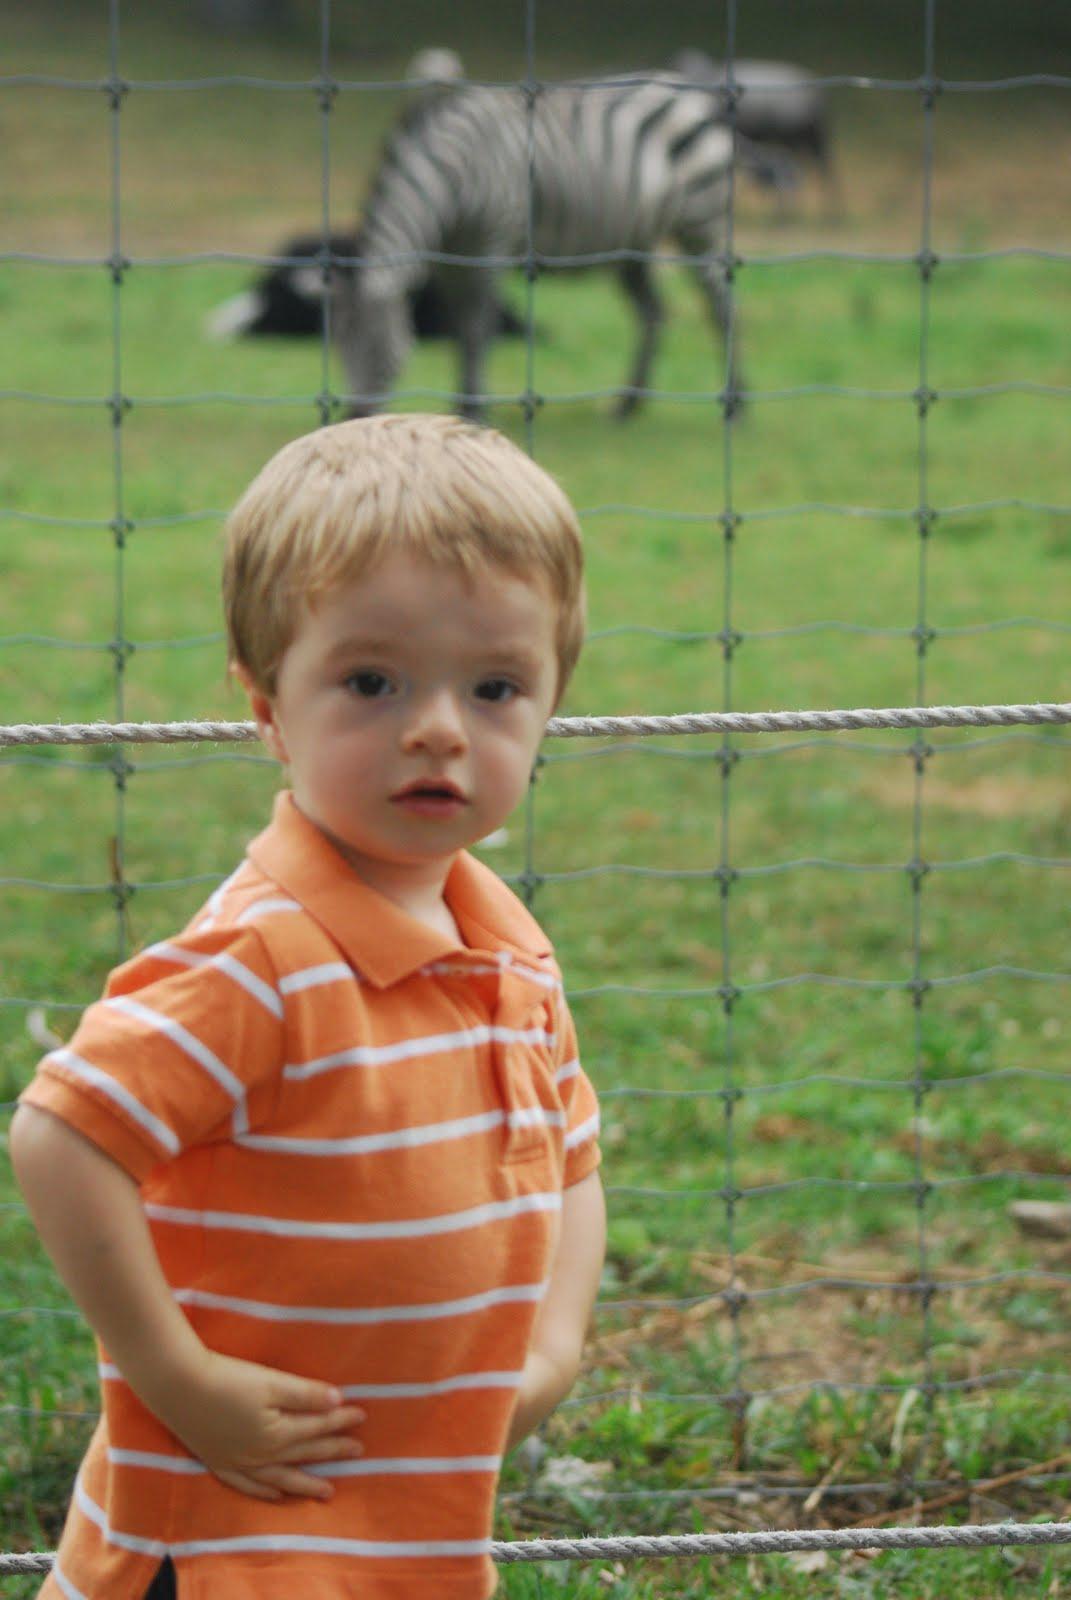 http://1.bp.blogspot.com/_DcE6MUSH06Y/TEoWEZ2b54I/AAAAAAAAIpc/P8yg7lTjRcU/s1600/Franklin+Park+Zoo+7-23-10+(16).JPG